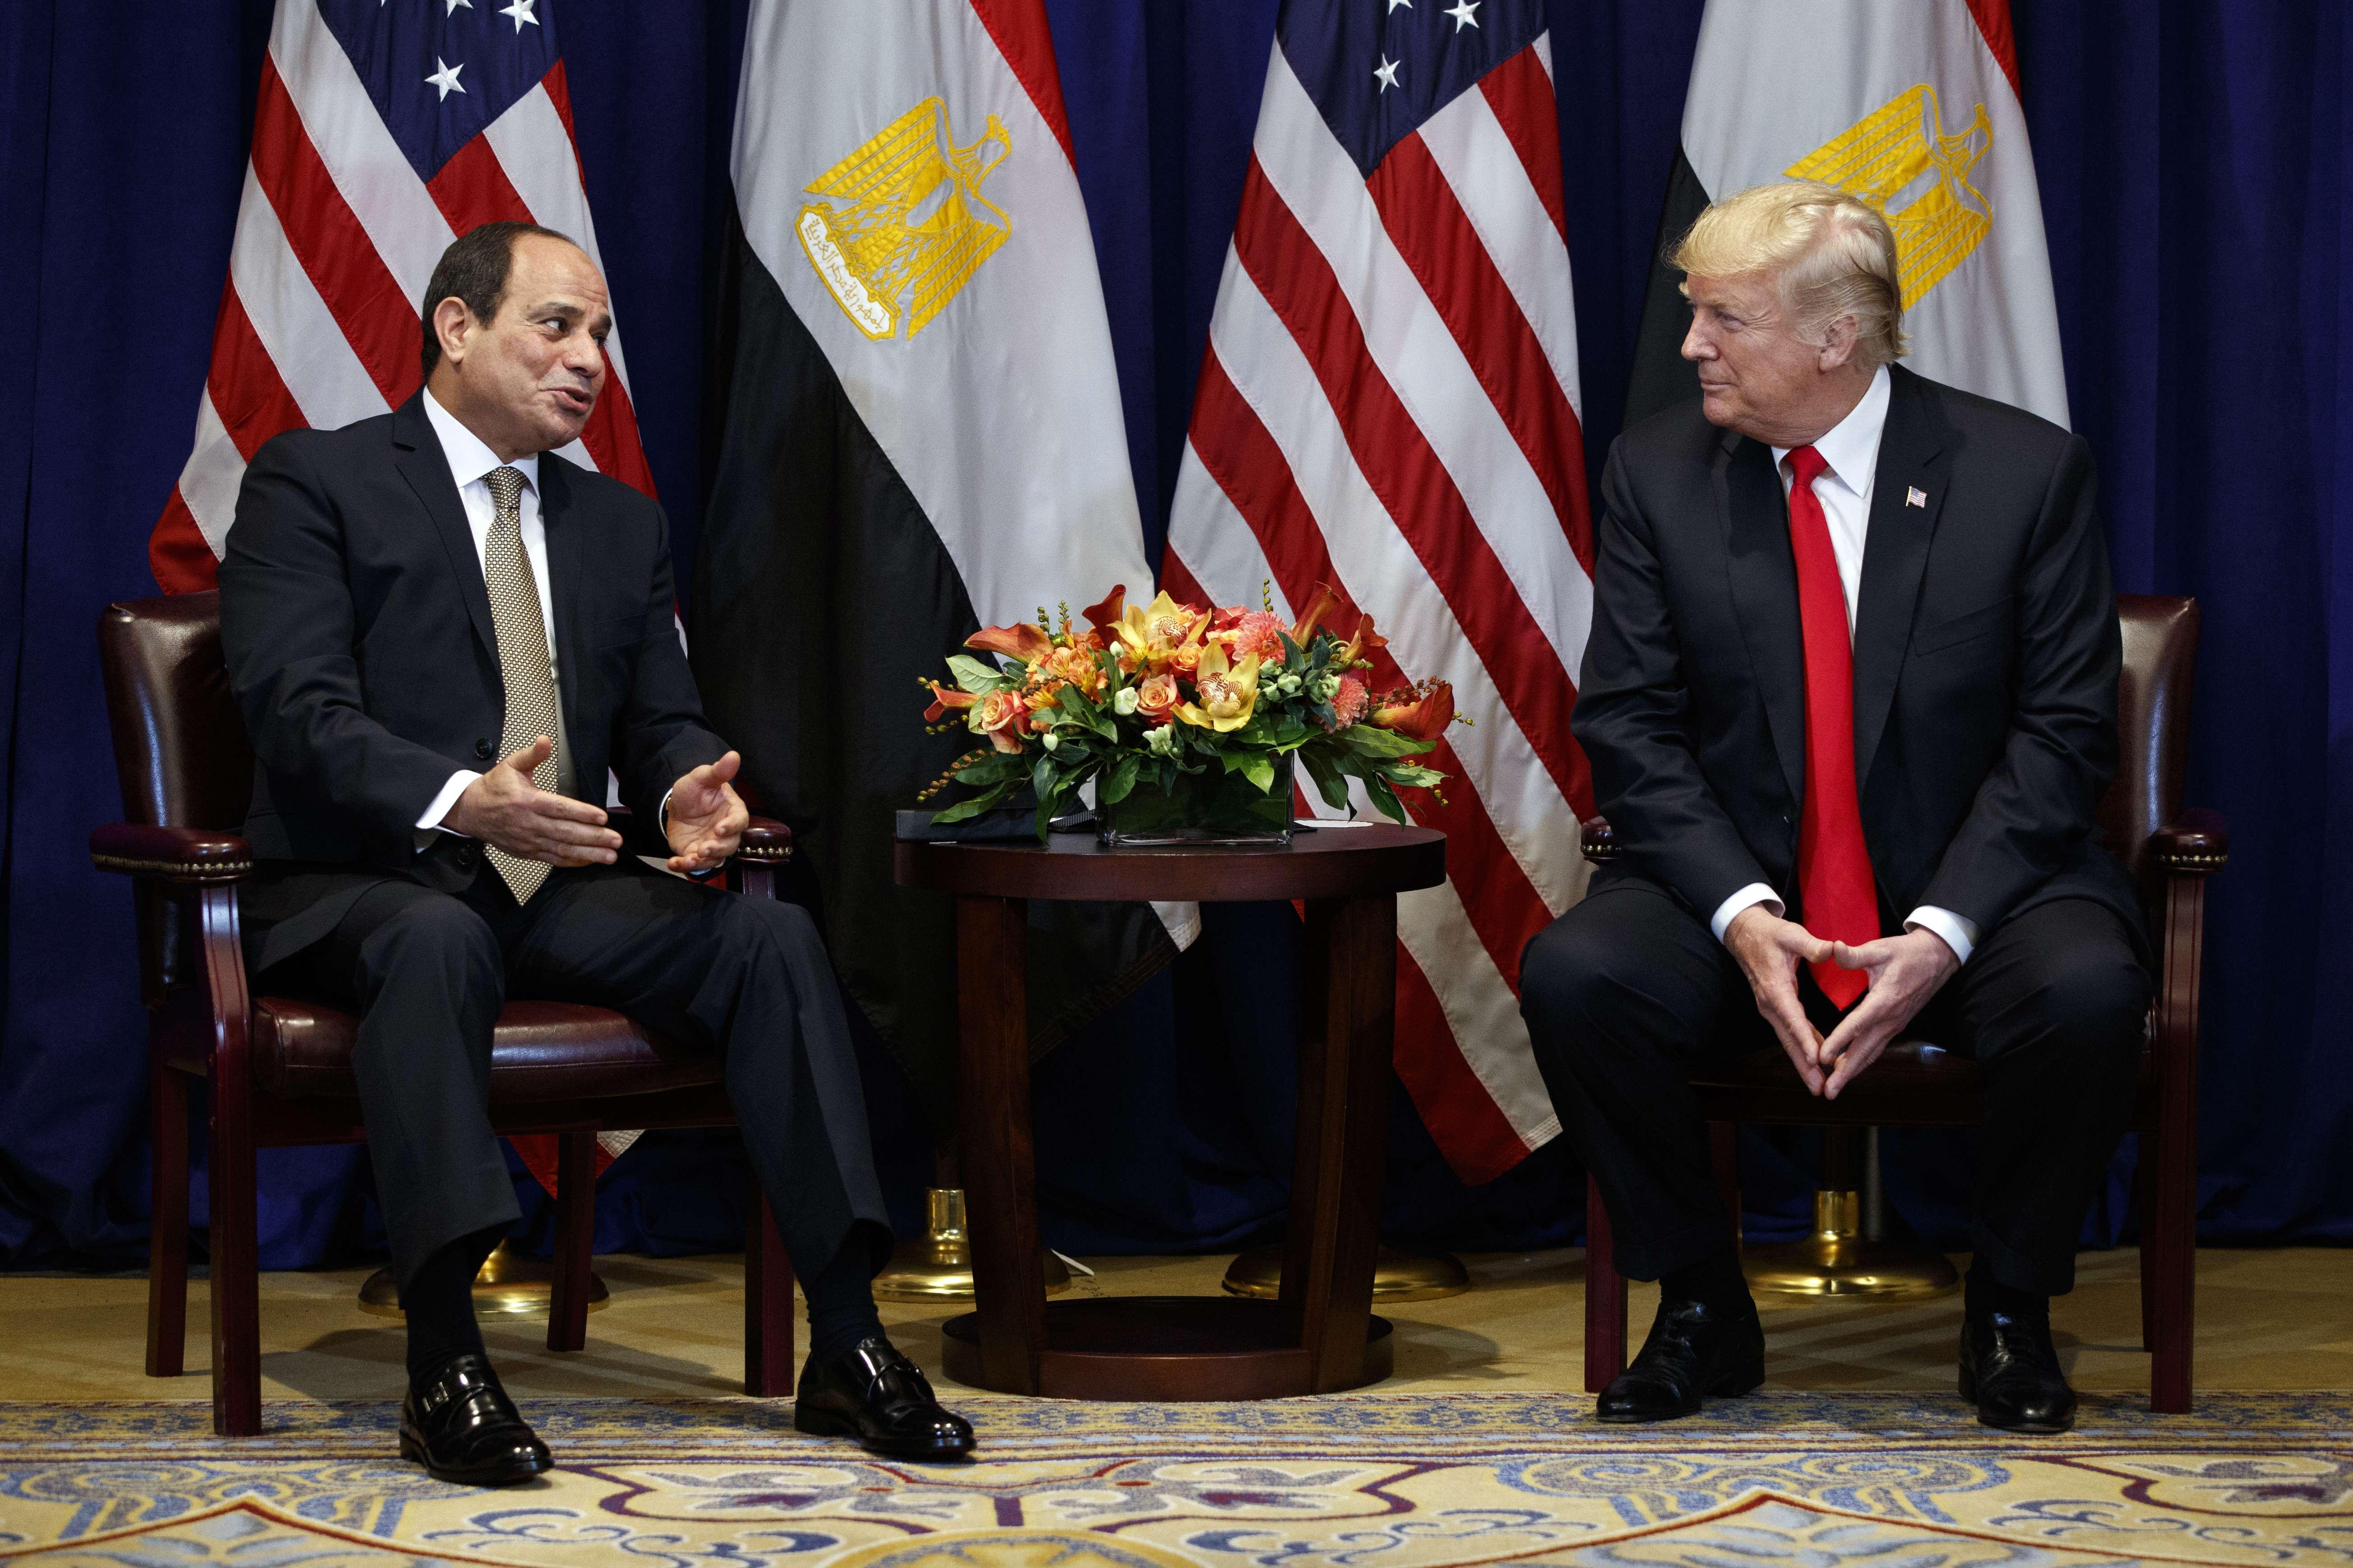 Le président égyptien et son homologue américain, à New York le 24 septembre 2018, en marge de l'assemblée générale de l'ONU.